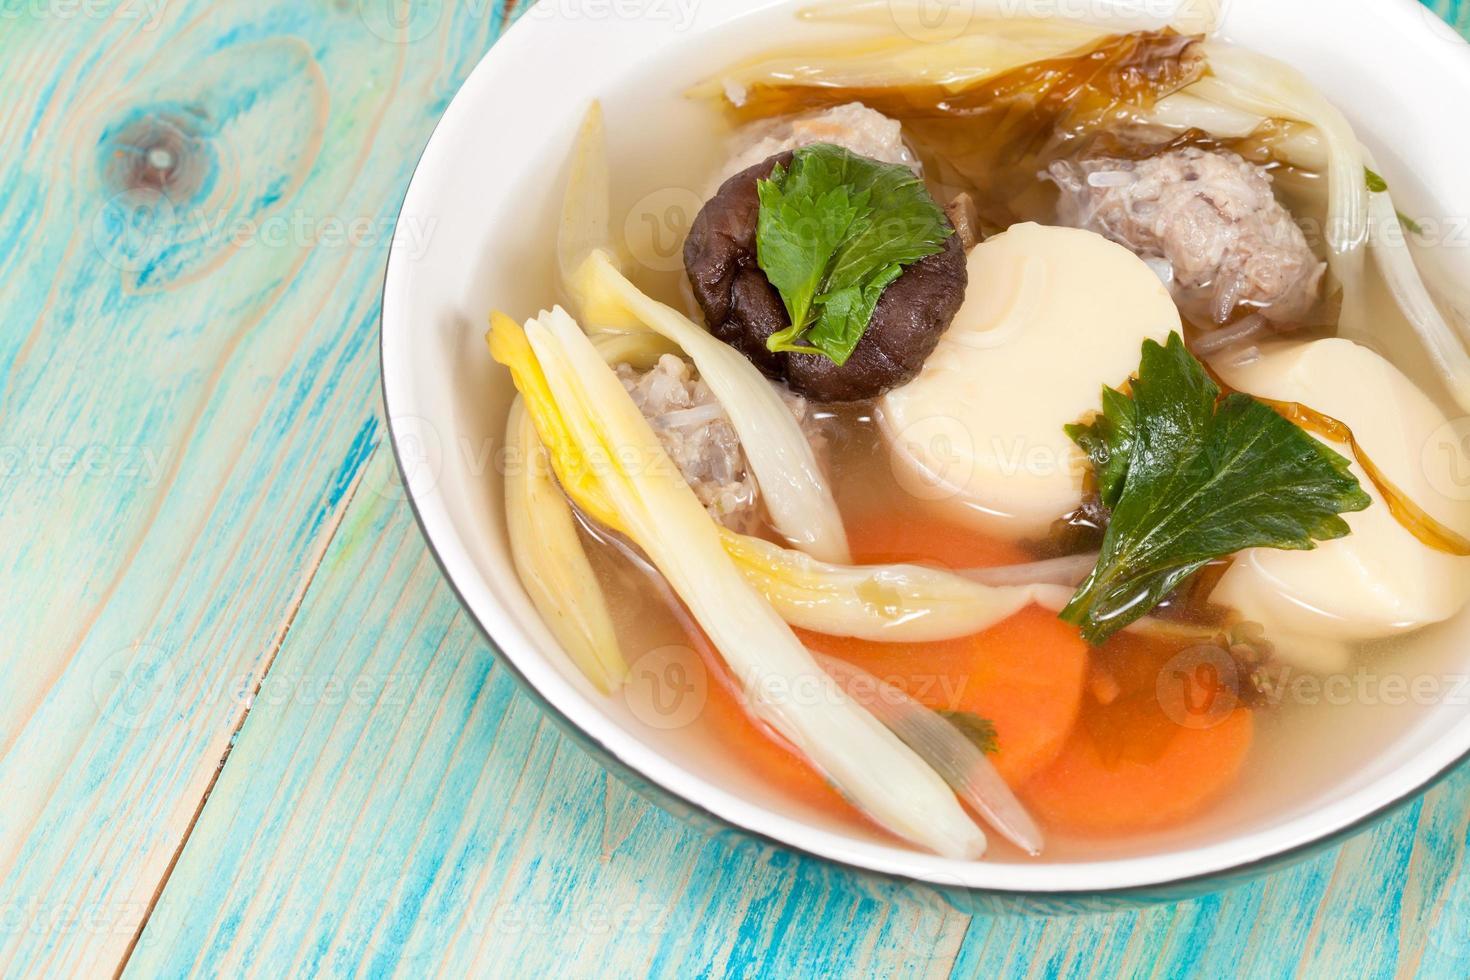 mild gekruide soep die bestaat uit varkensvlees, tofu, foto